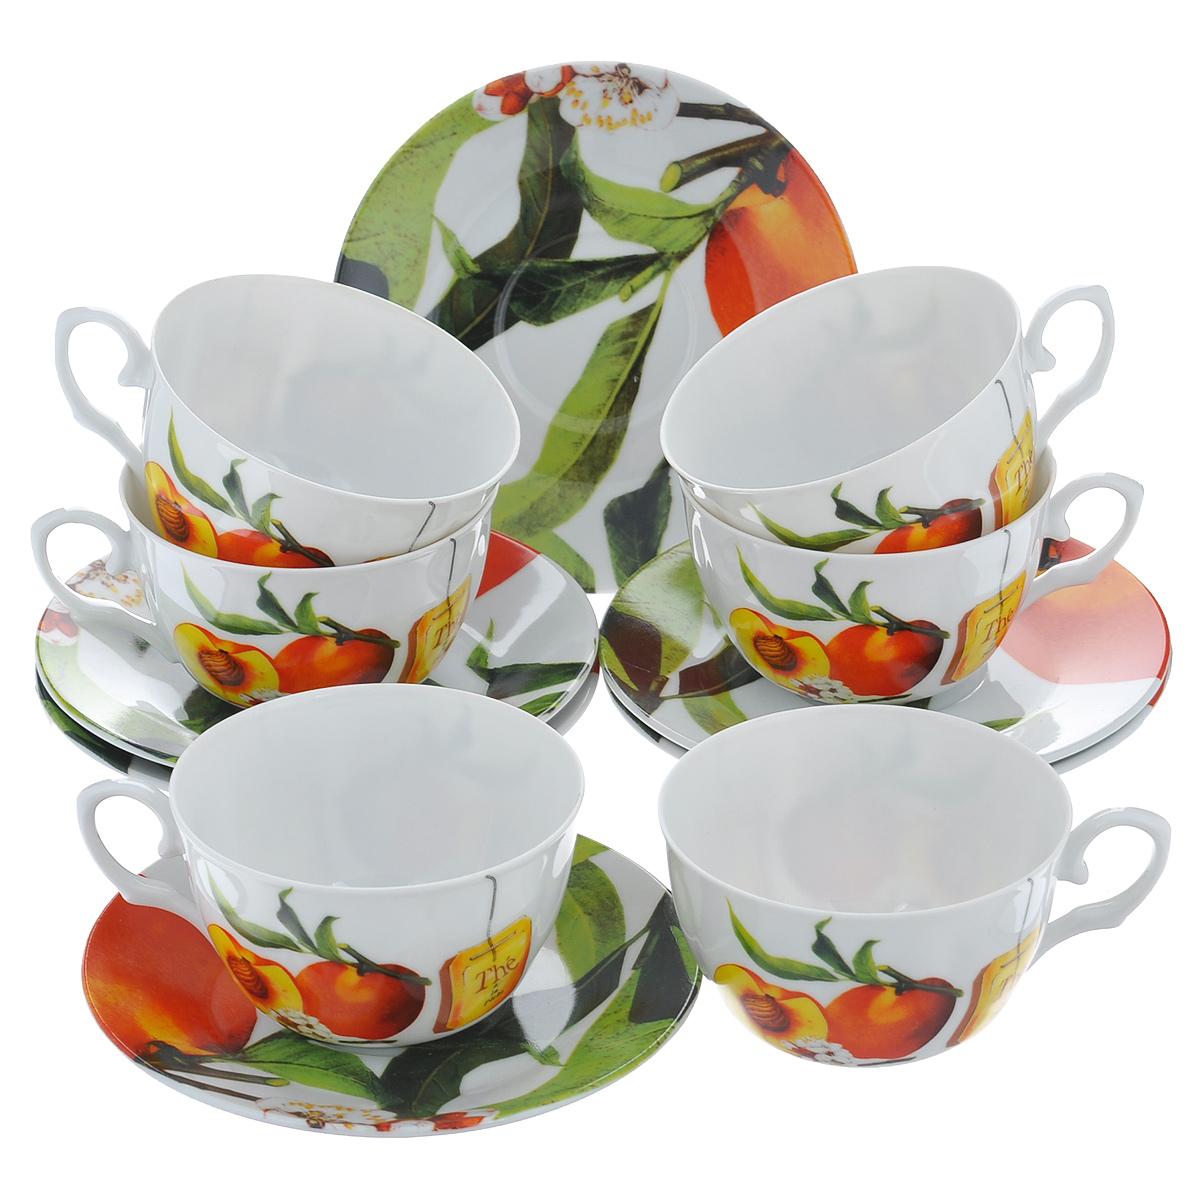 Набор чайный Larange Персик, 12 предметов586-249Чайный набор Персик, выполненный из высококачественного фарфора, состоит из шести чашек и шести блюдец. Изделия декорированы изображением персиков. Элегантный дизайн и совершенные формы предметов набора привлекут к себе внимание и украсят интерьер вашей кухни. Чайный набор Персик идеально подойдет для сервировки стола и станет отличным подарком к любому празднику. Чайный набор упакован в круглую подарочную коробку из плотного картона лимонного цвета. Внутренняя часть коробки задрапирована белой атласной тканью, и каждый предмет надежно крепится в определенном положении благодаря особым выемкам в коробке. Не использовать в микроволновой печи. Не применять абразивные чистящие вещества. Объем чашки: 225 мл. Диаметр чашки по верхнему краю: 9,5 см. Высота чашки: 6 см. Диаметр блюдца: 14,5 см.